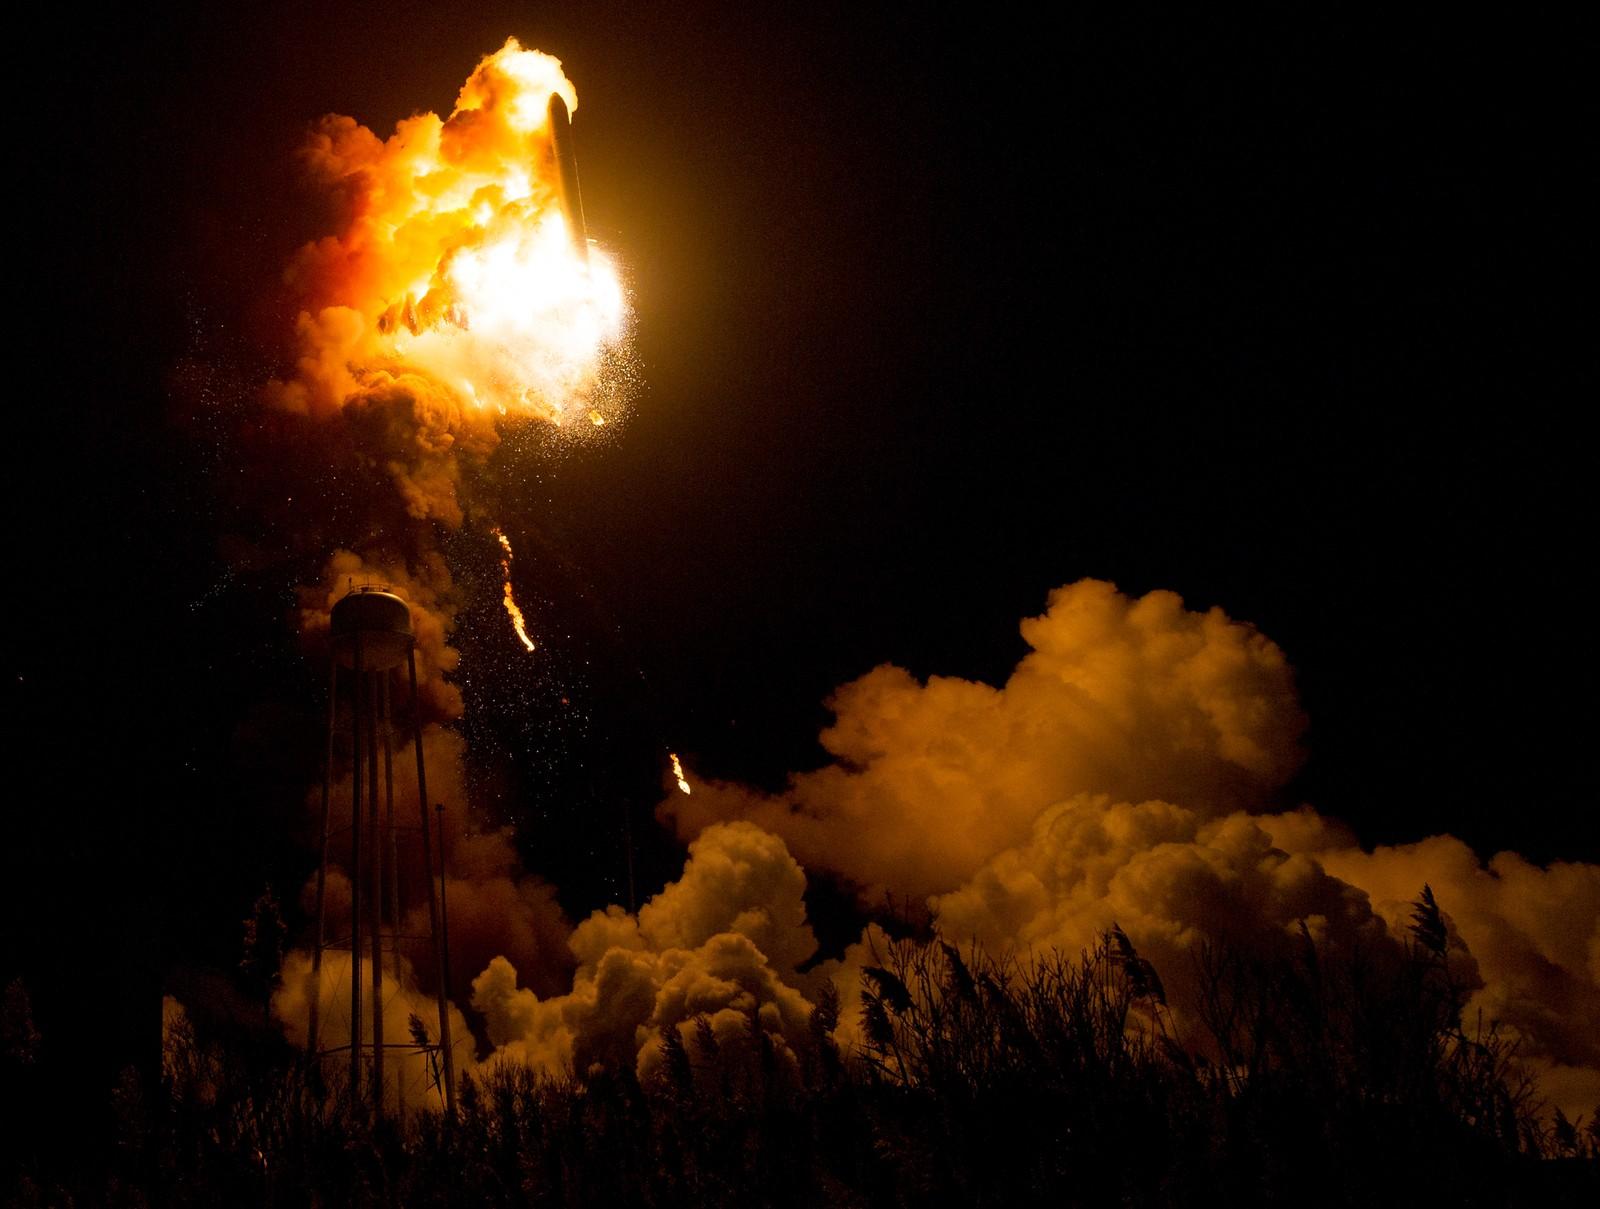 Raketten på vei ned. Det blir fortsatt kastet ut vrakgods fra det ødelagte motorområdet.